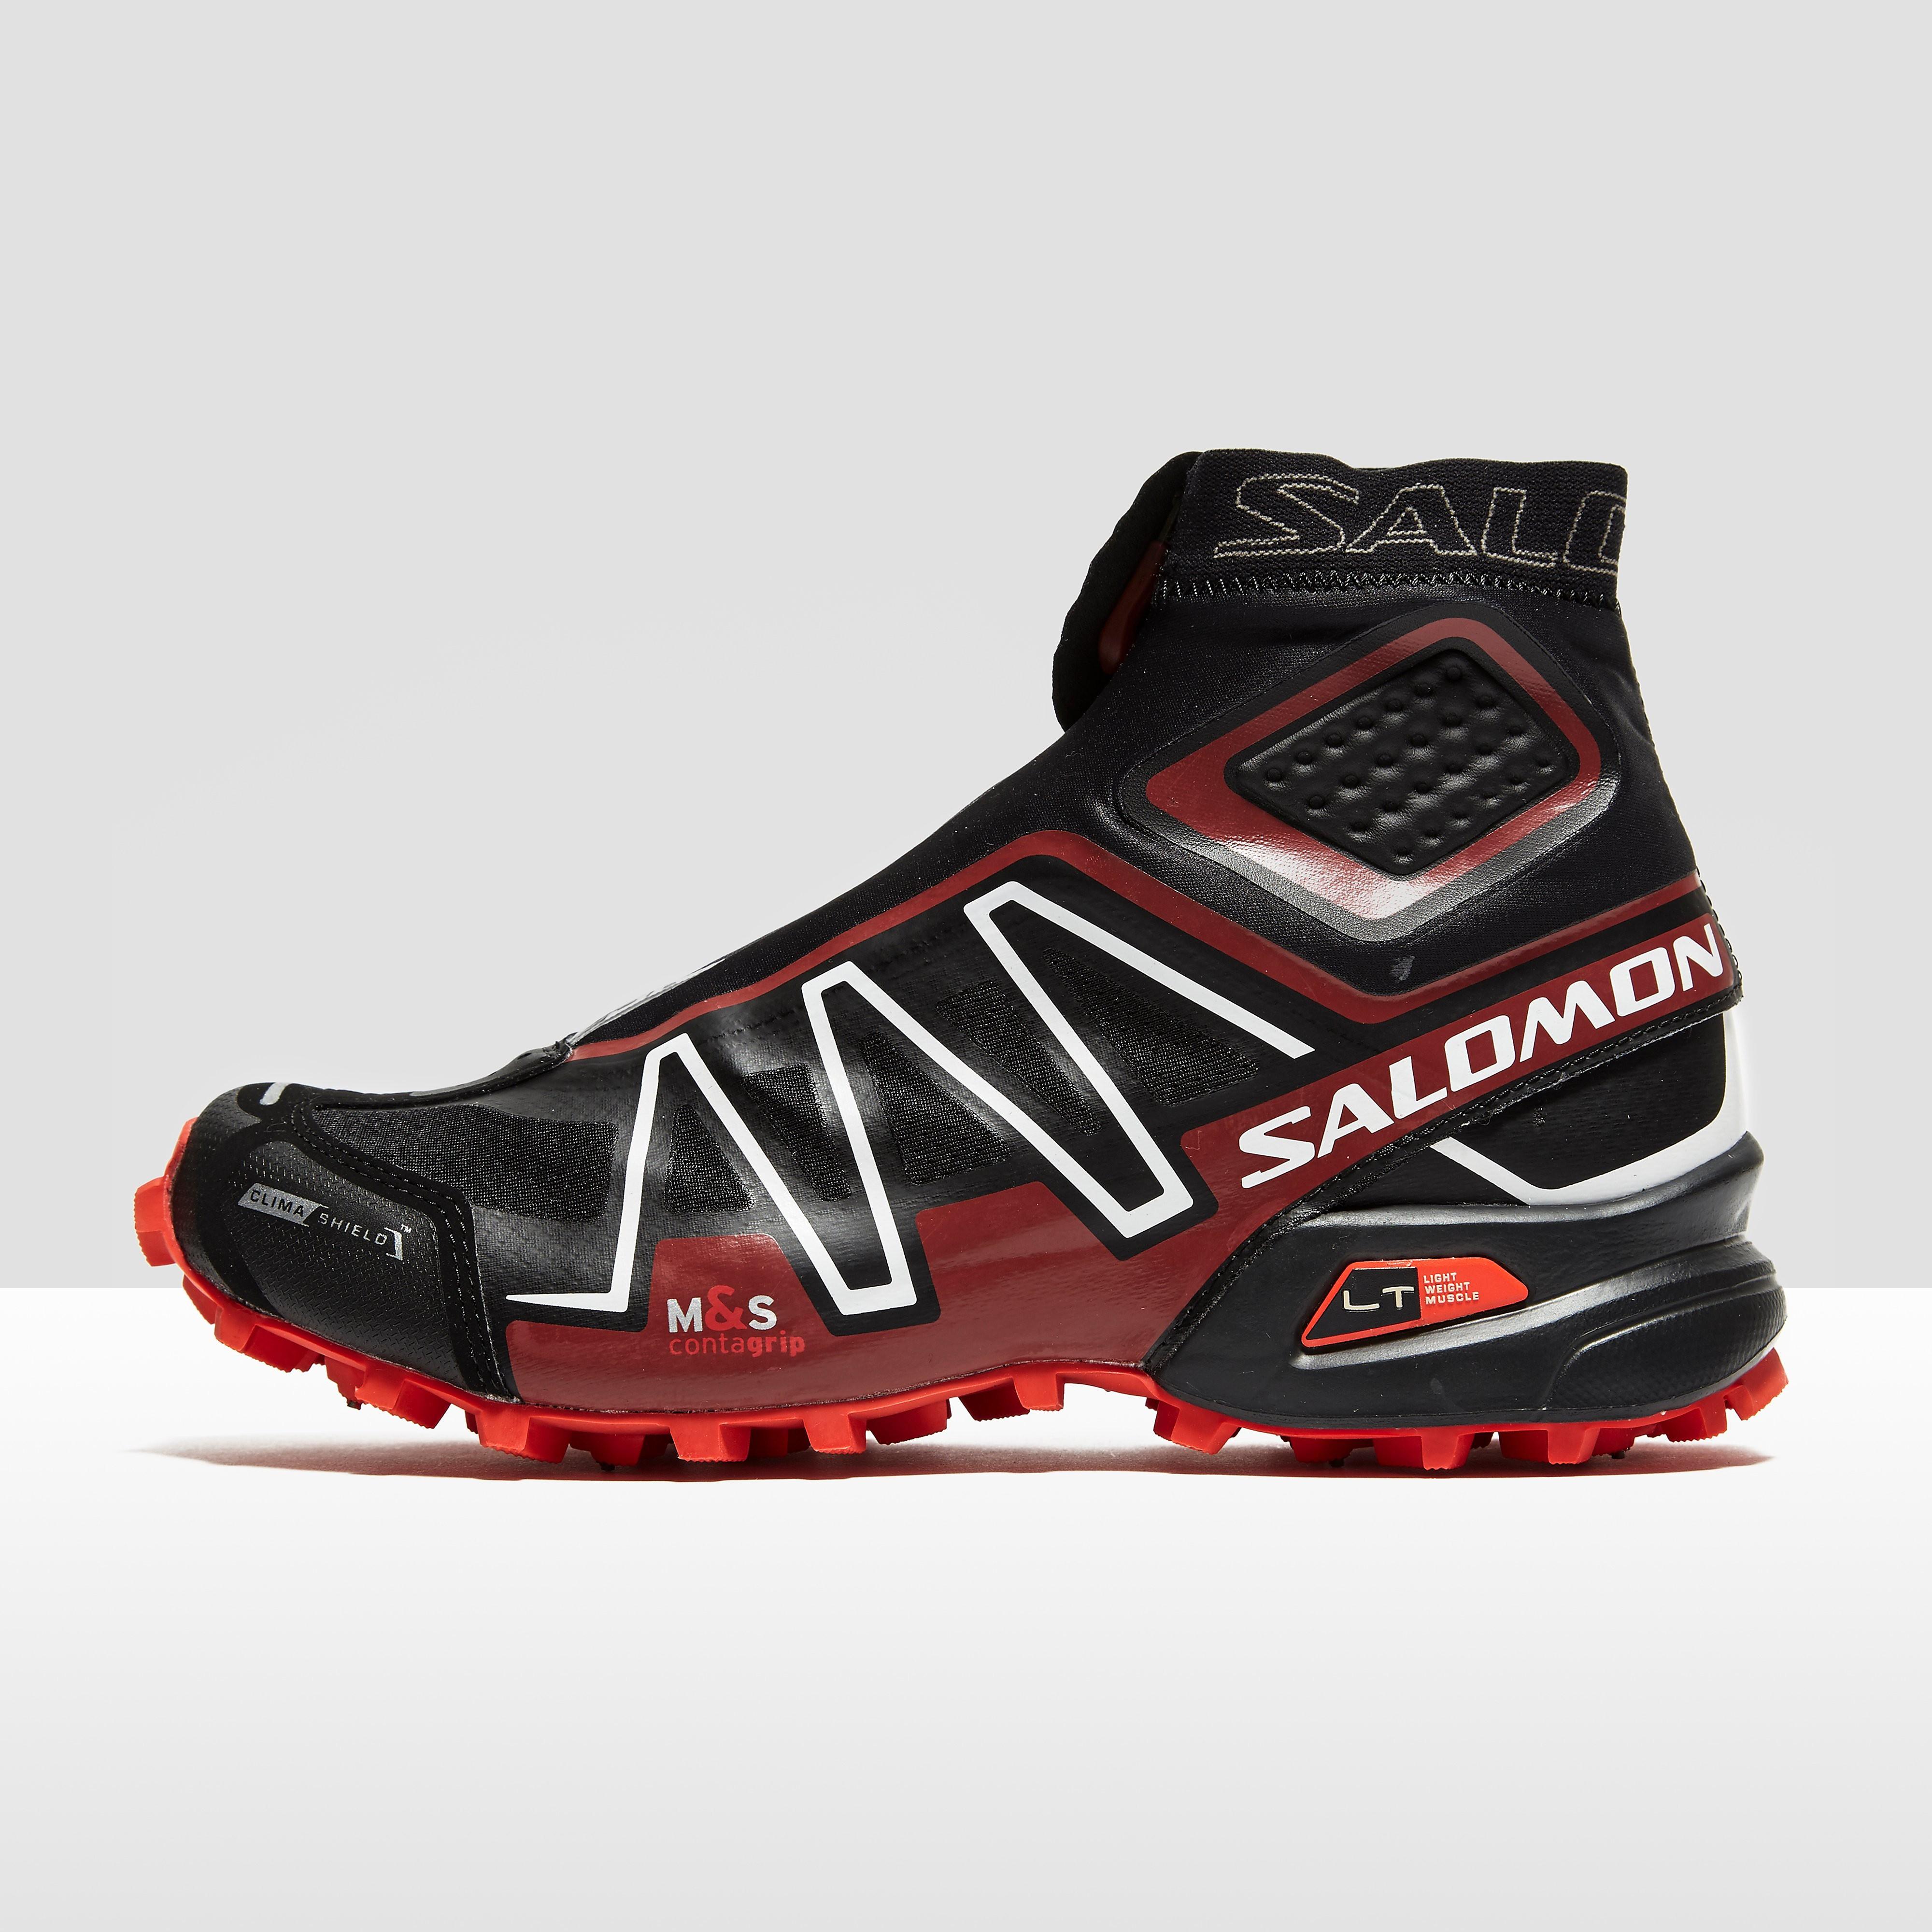 Salomon Snowcross CS Men's Trail Running Shoes